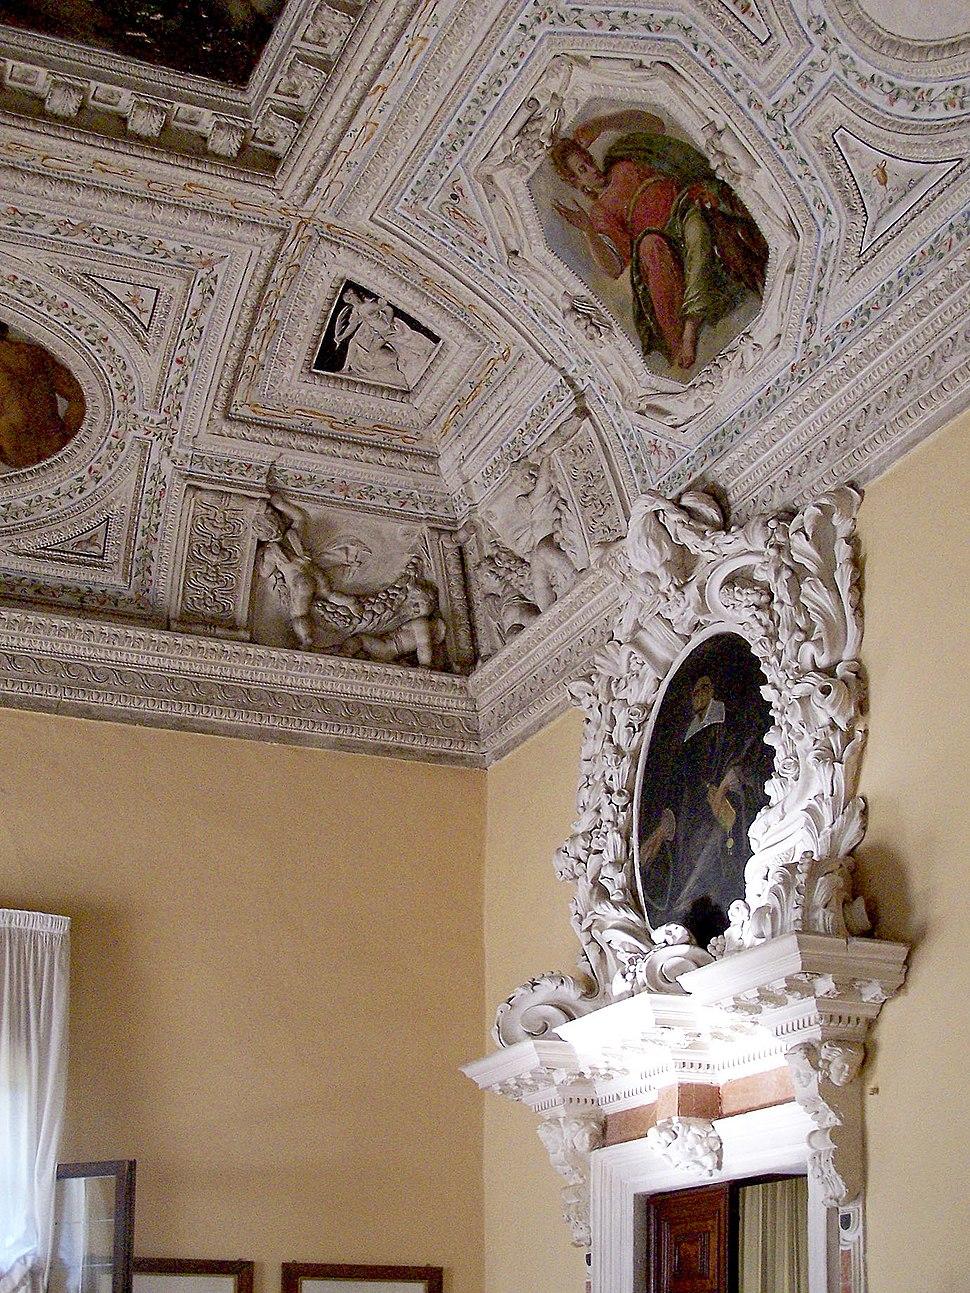 Rotonda ceiling